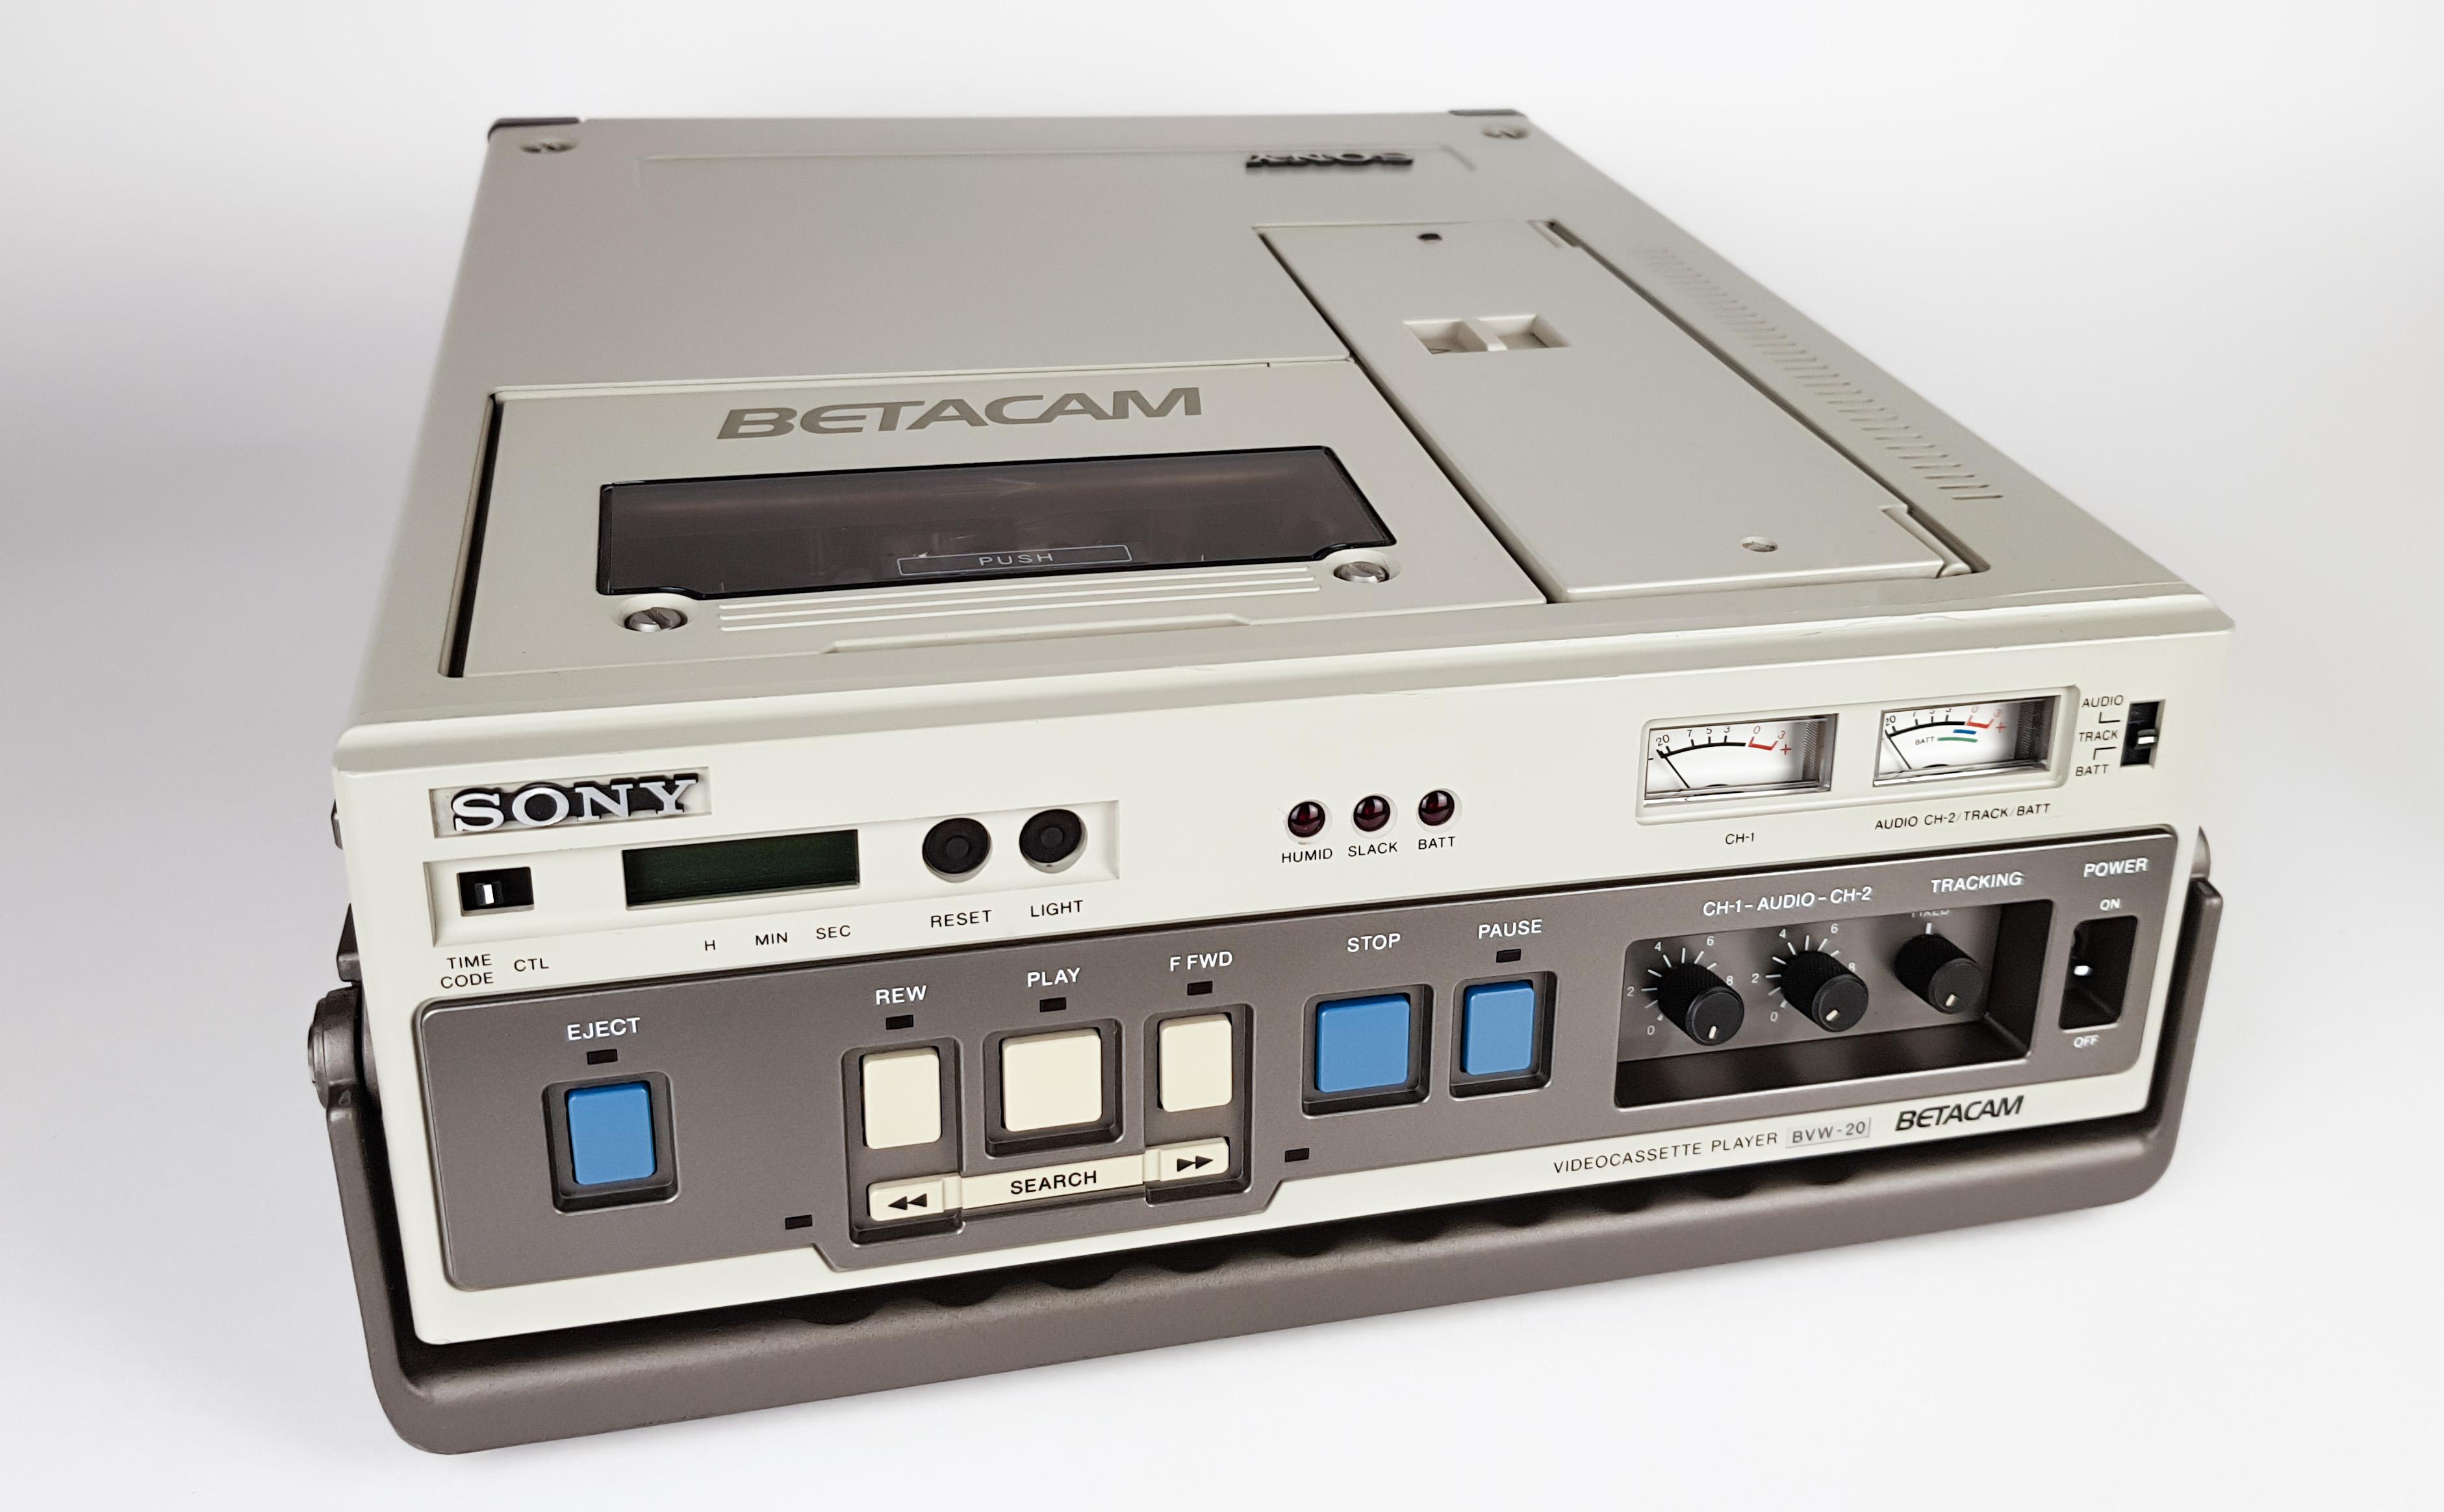 Sony BVW-20 - 1